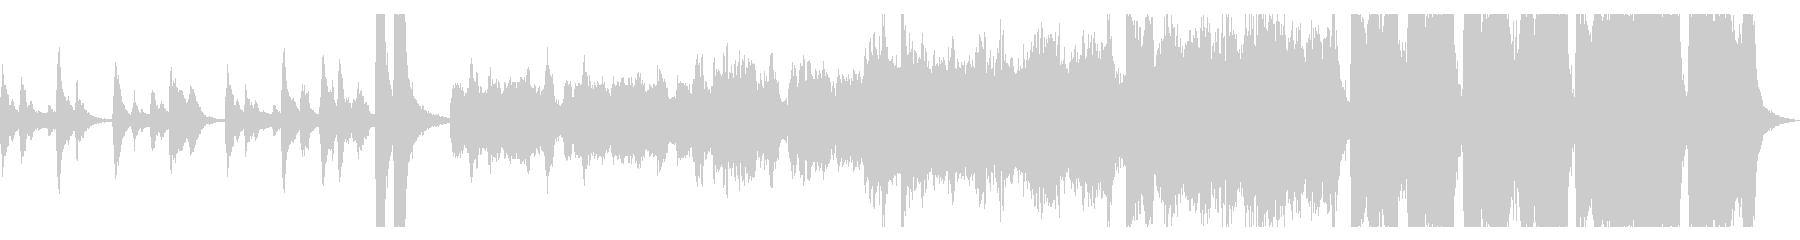 ハロウィン幽霊屋敷イメージのオケ曲ループの未再生の波形